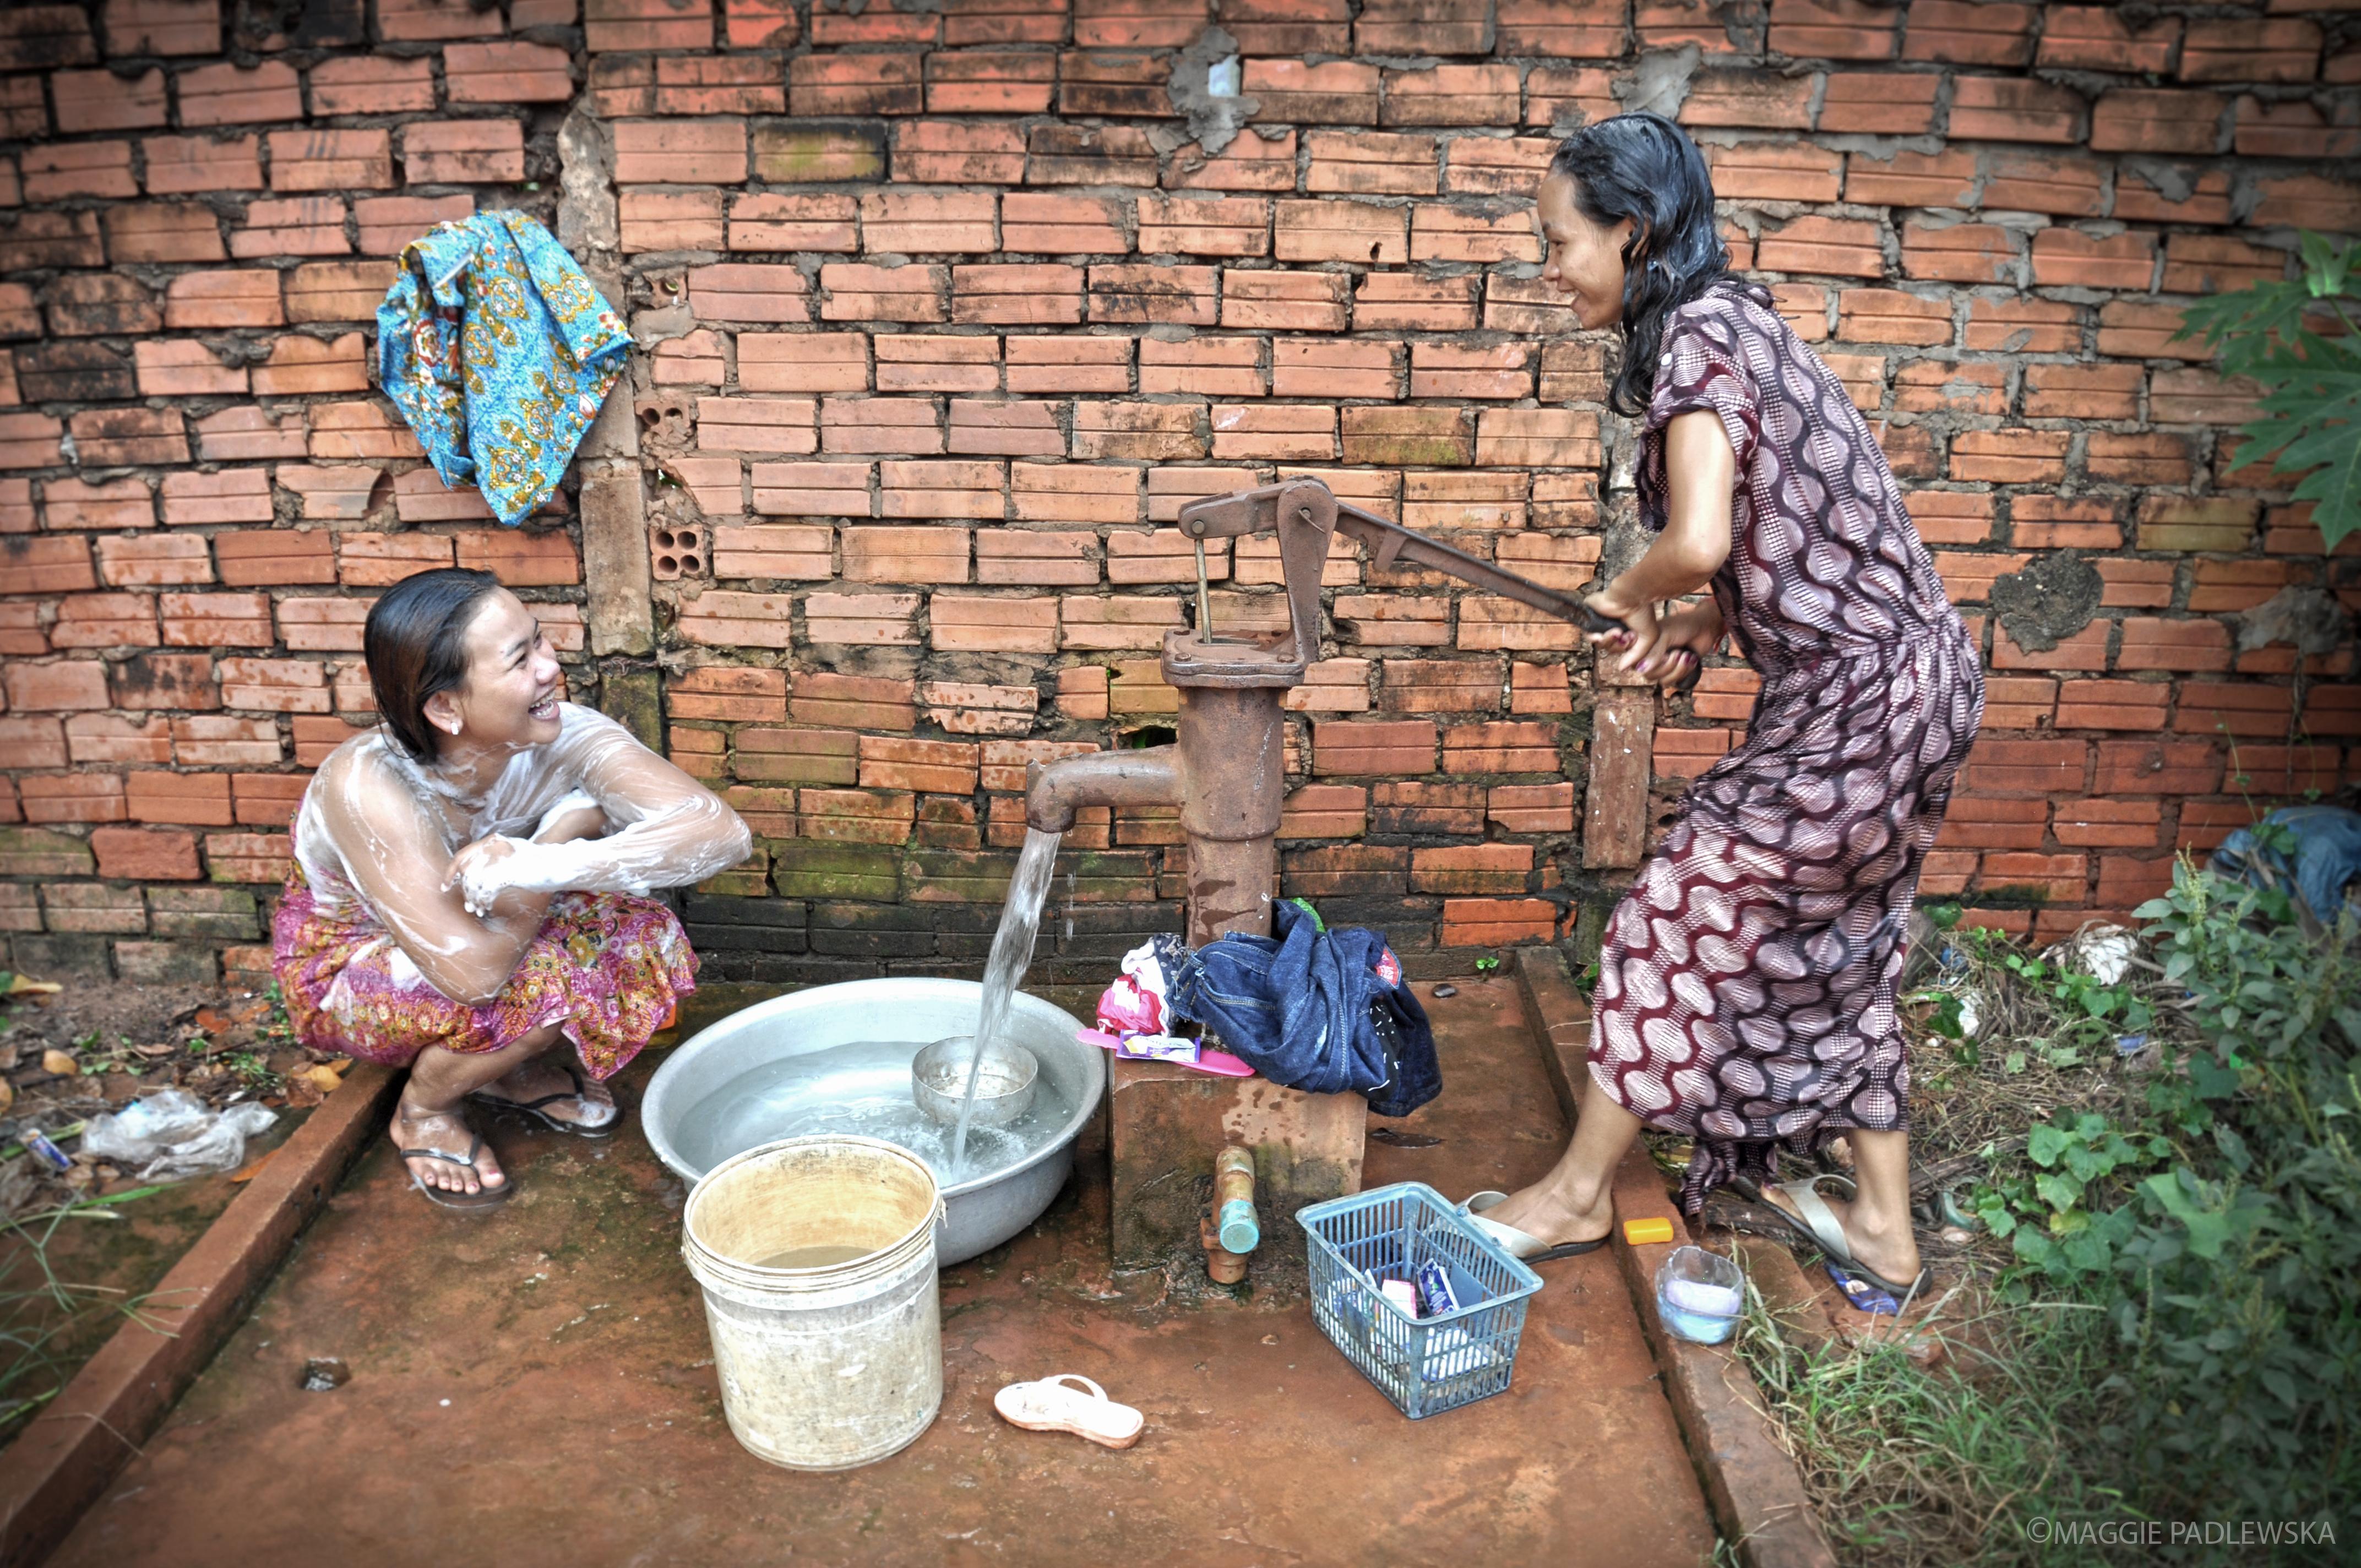 CAMBODIA-MODUL VILLAGE